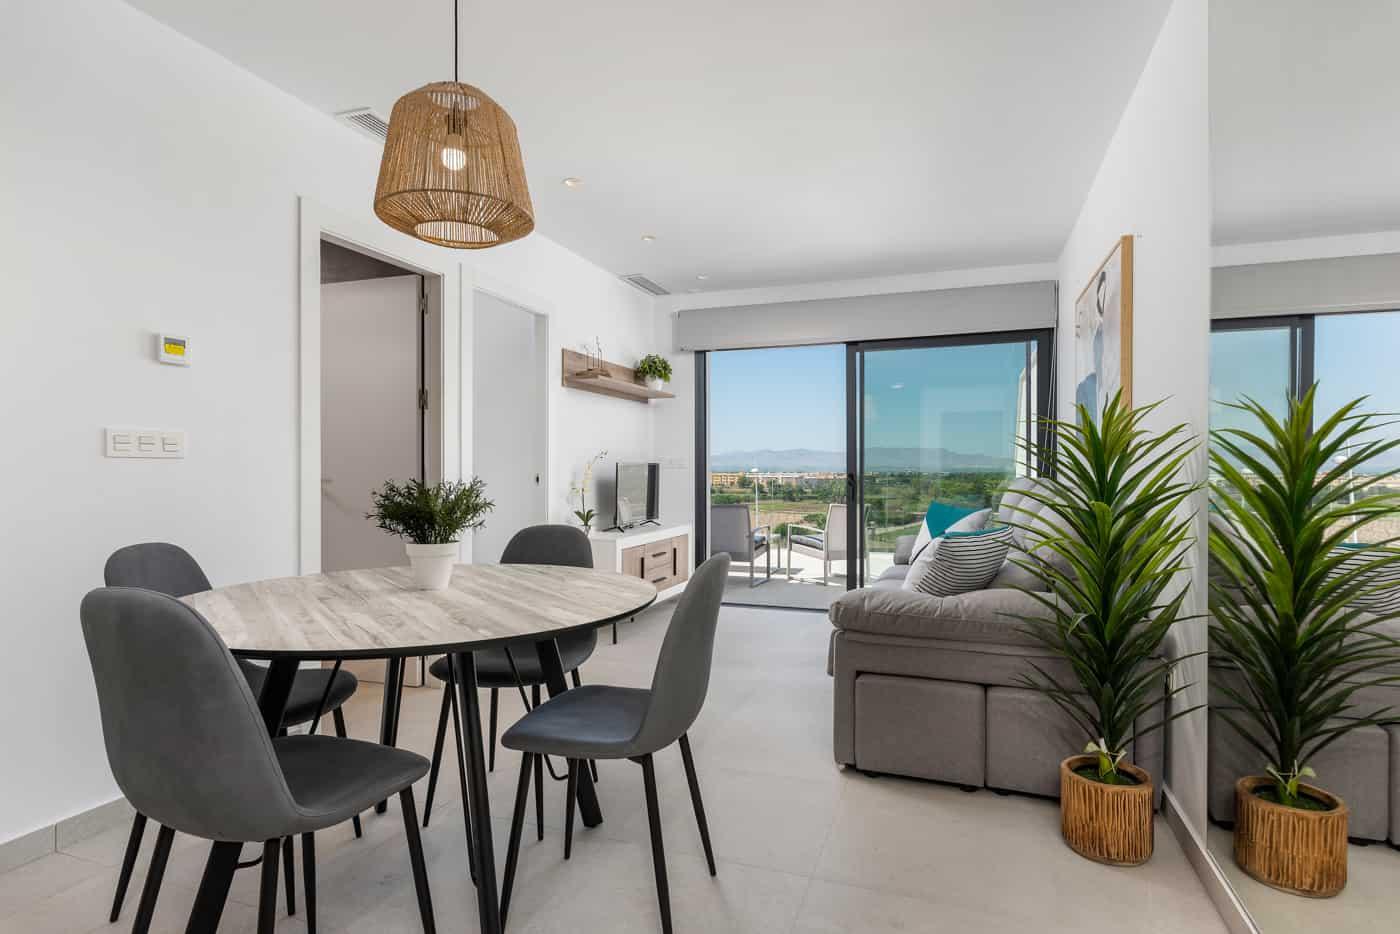 New 2 Bedroom Apartments – Benijofar